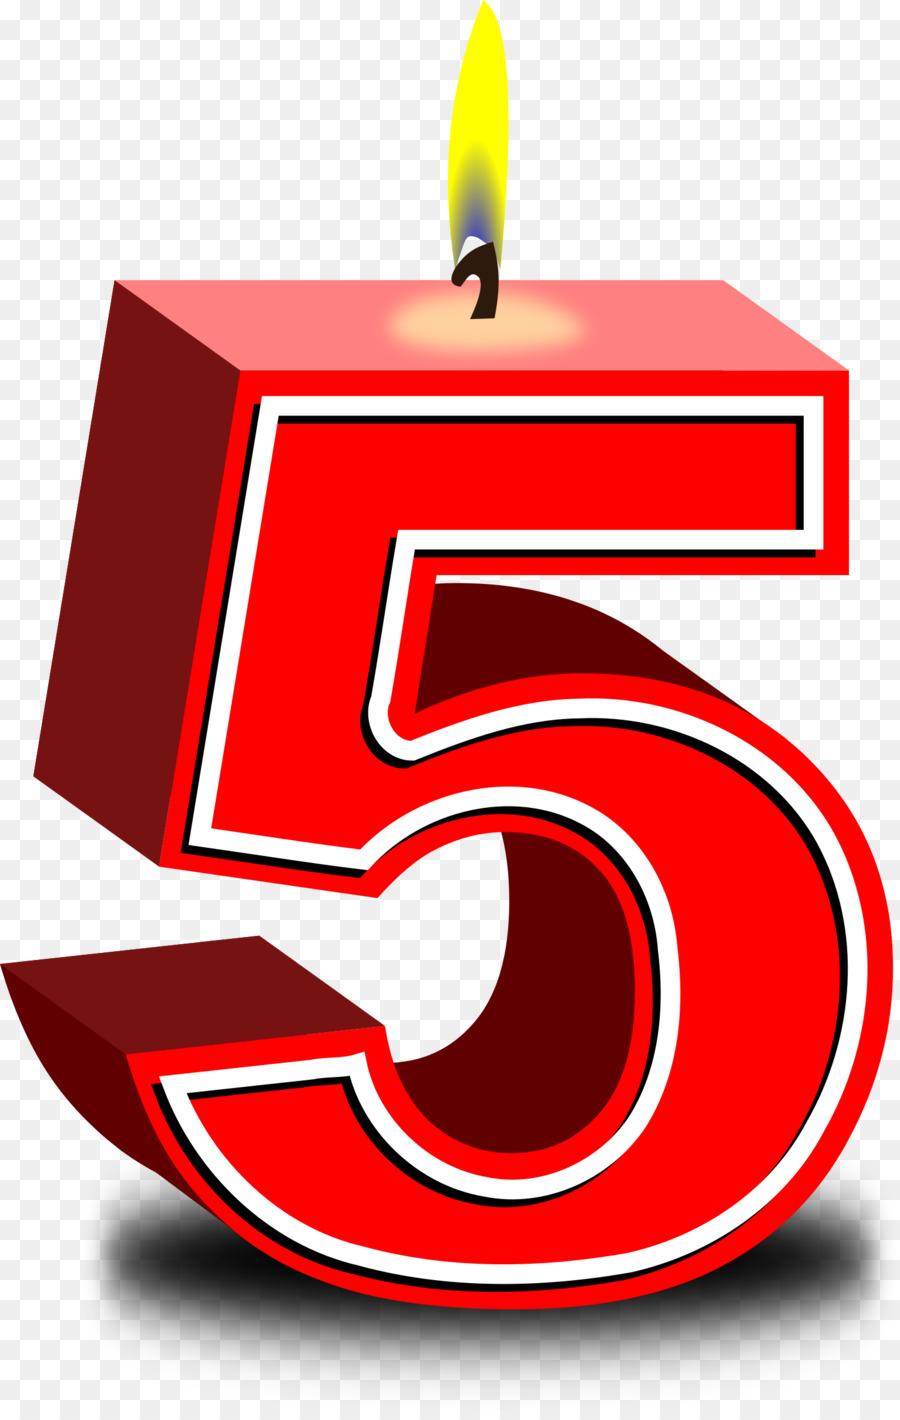 Картинка с надписью 55 дней